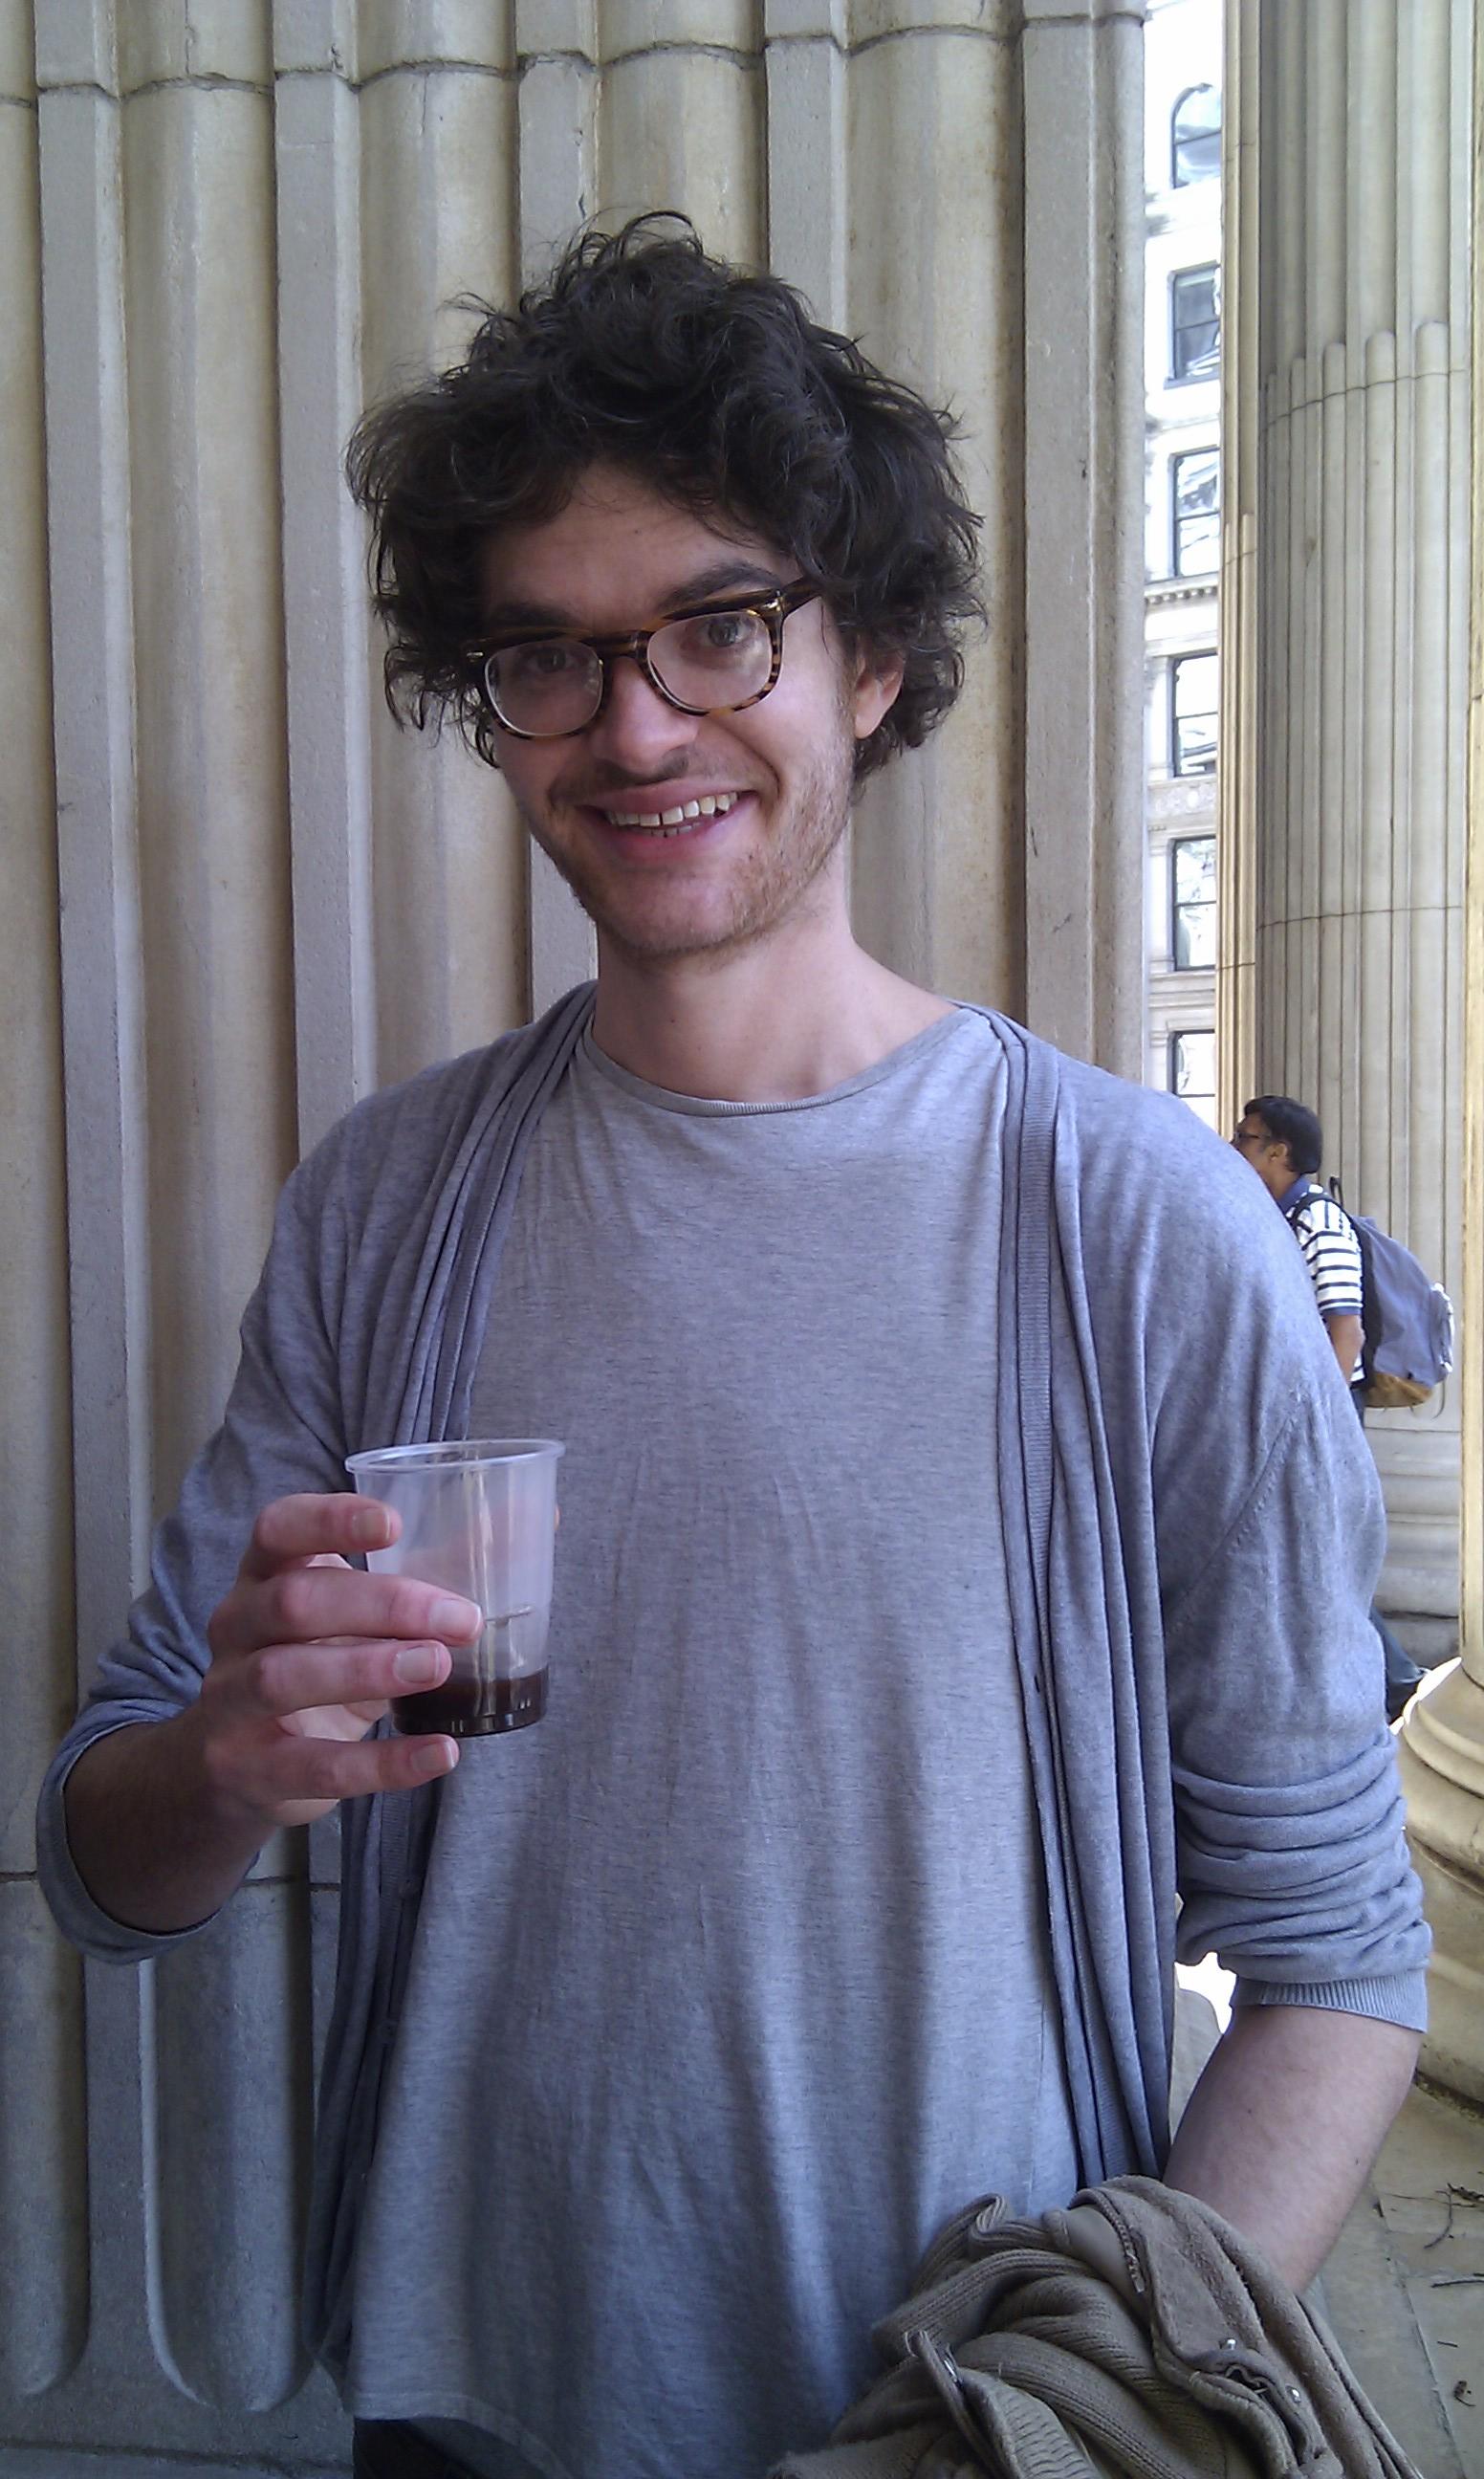 Dr. Matthew Green með kaffi, að sjálfsögðu. Myndarlegasti piltur.